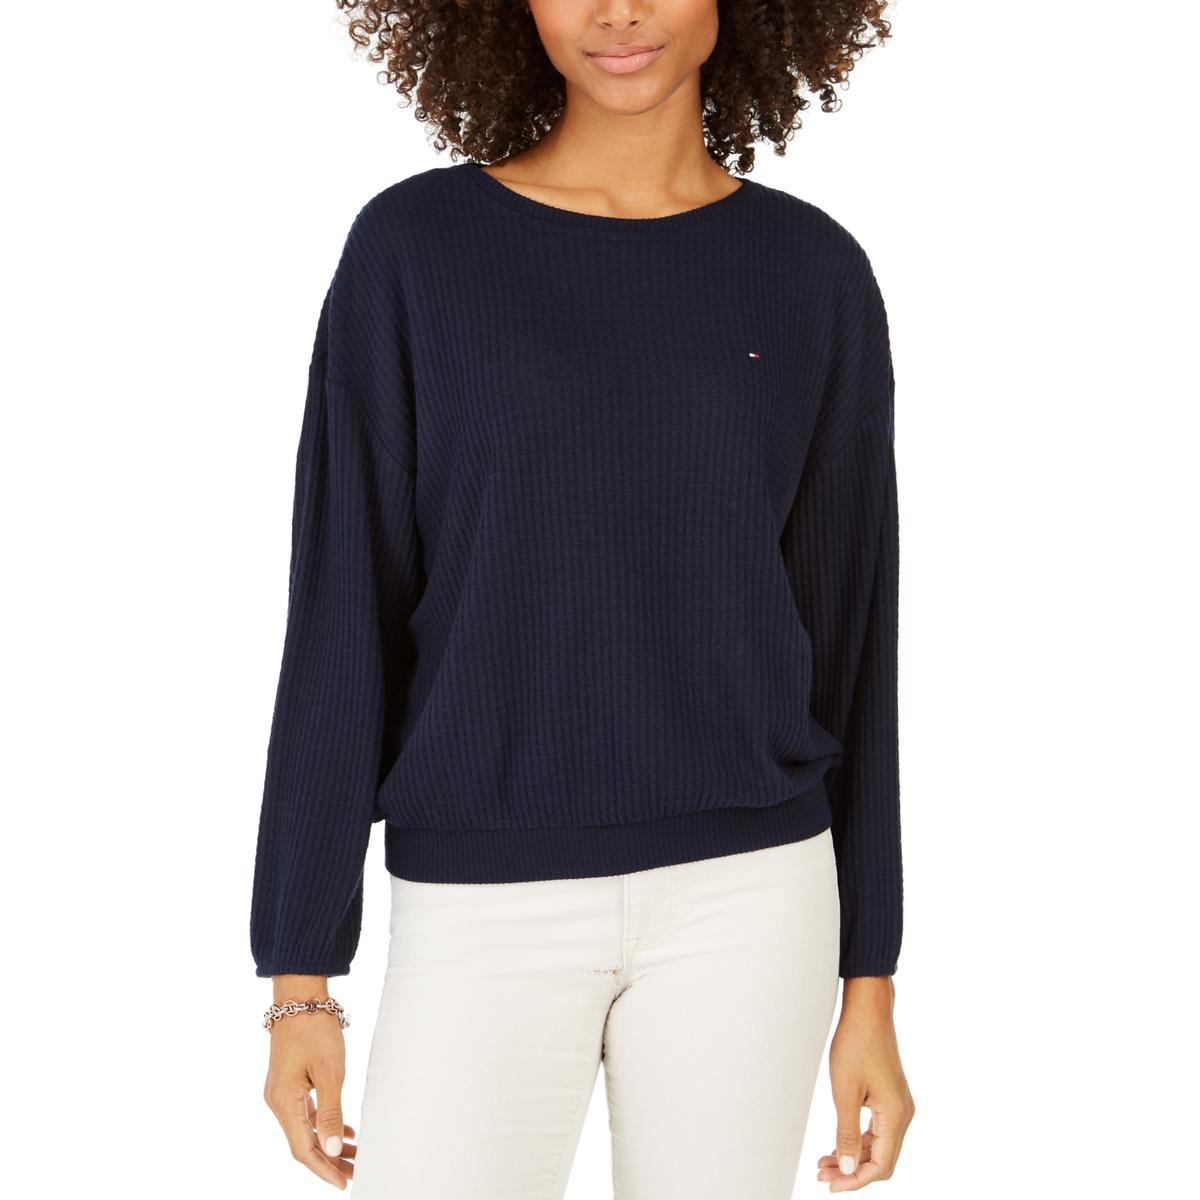 Vila Milano Womens Striped Knit Square Neck Pullover Sweater Top BHFO 9586